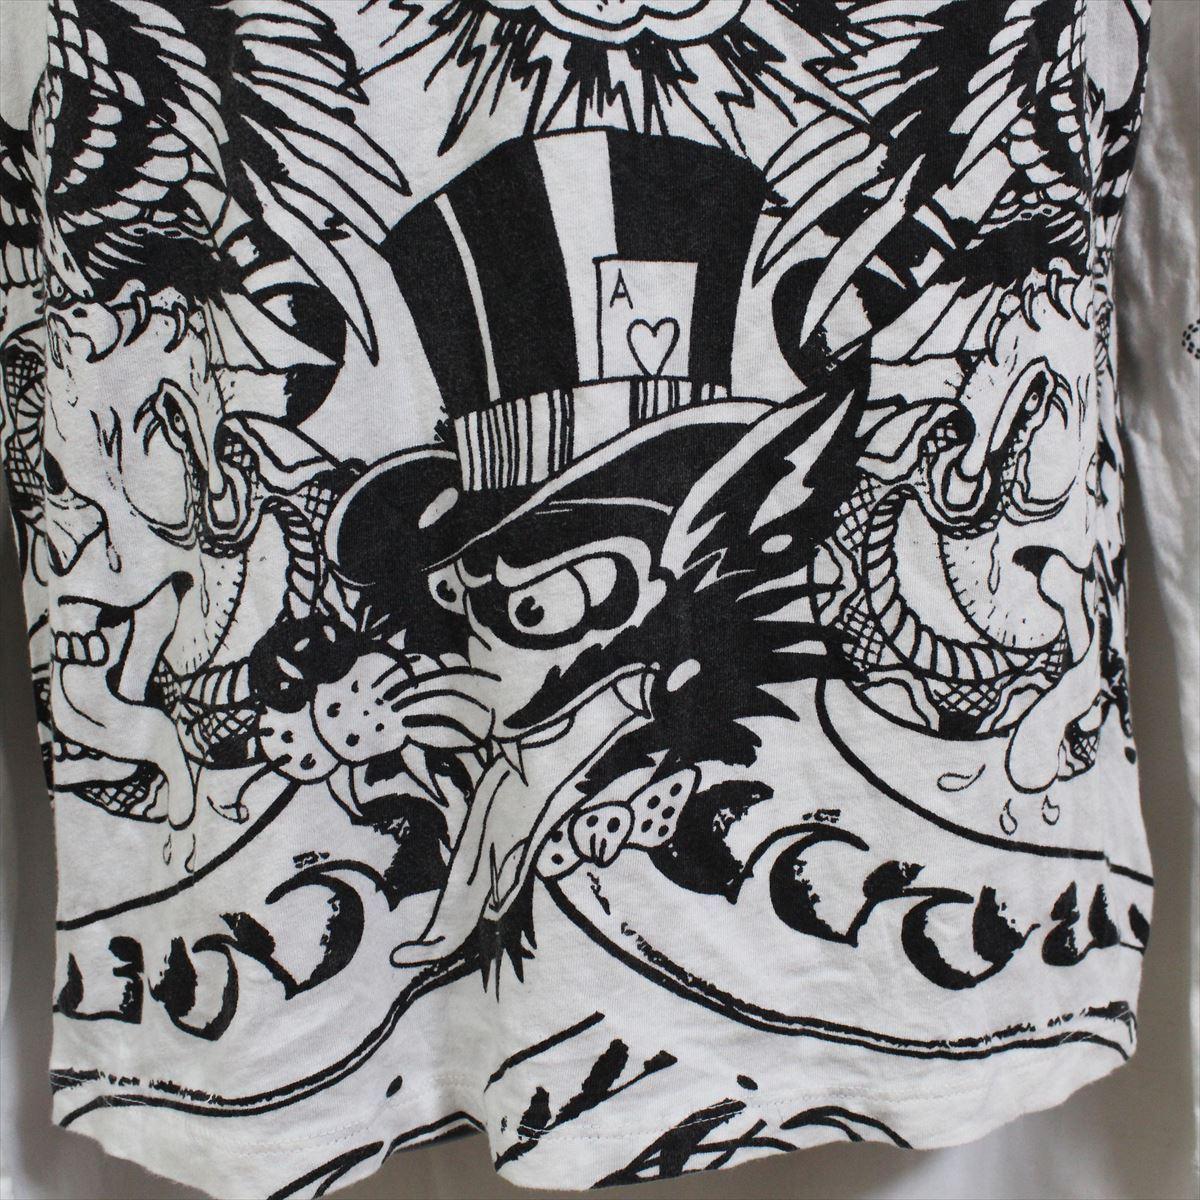 エドハーディー ED HARDY メンズ長袖Tシャツ ホワイト Mサイズ アウトレット 総柄 白_画像3